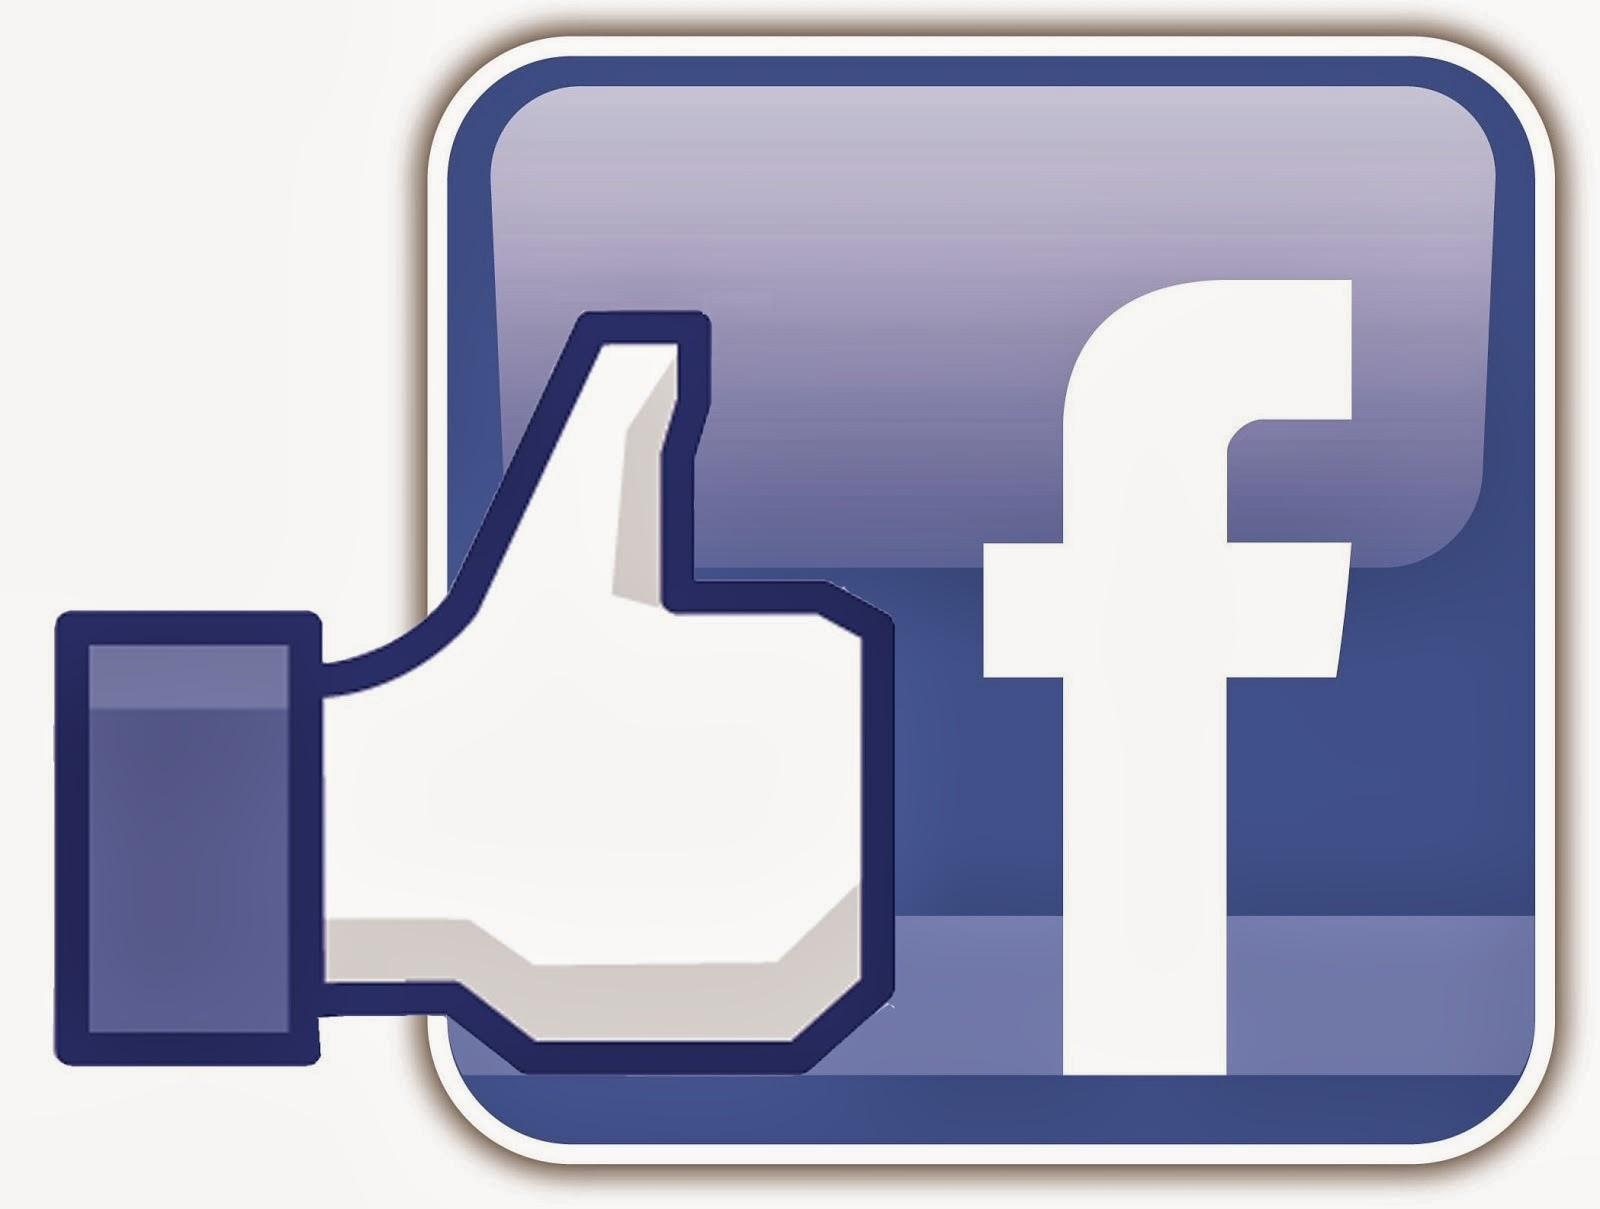 https://www.facebook.com/pages/Associazione-Culturale-Bergomix/277295498976258